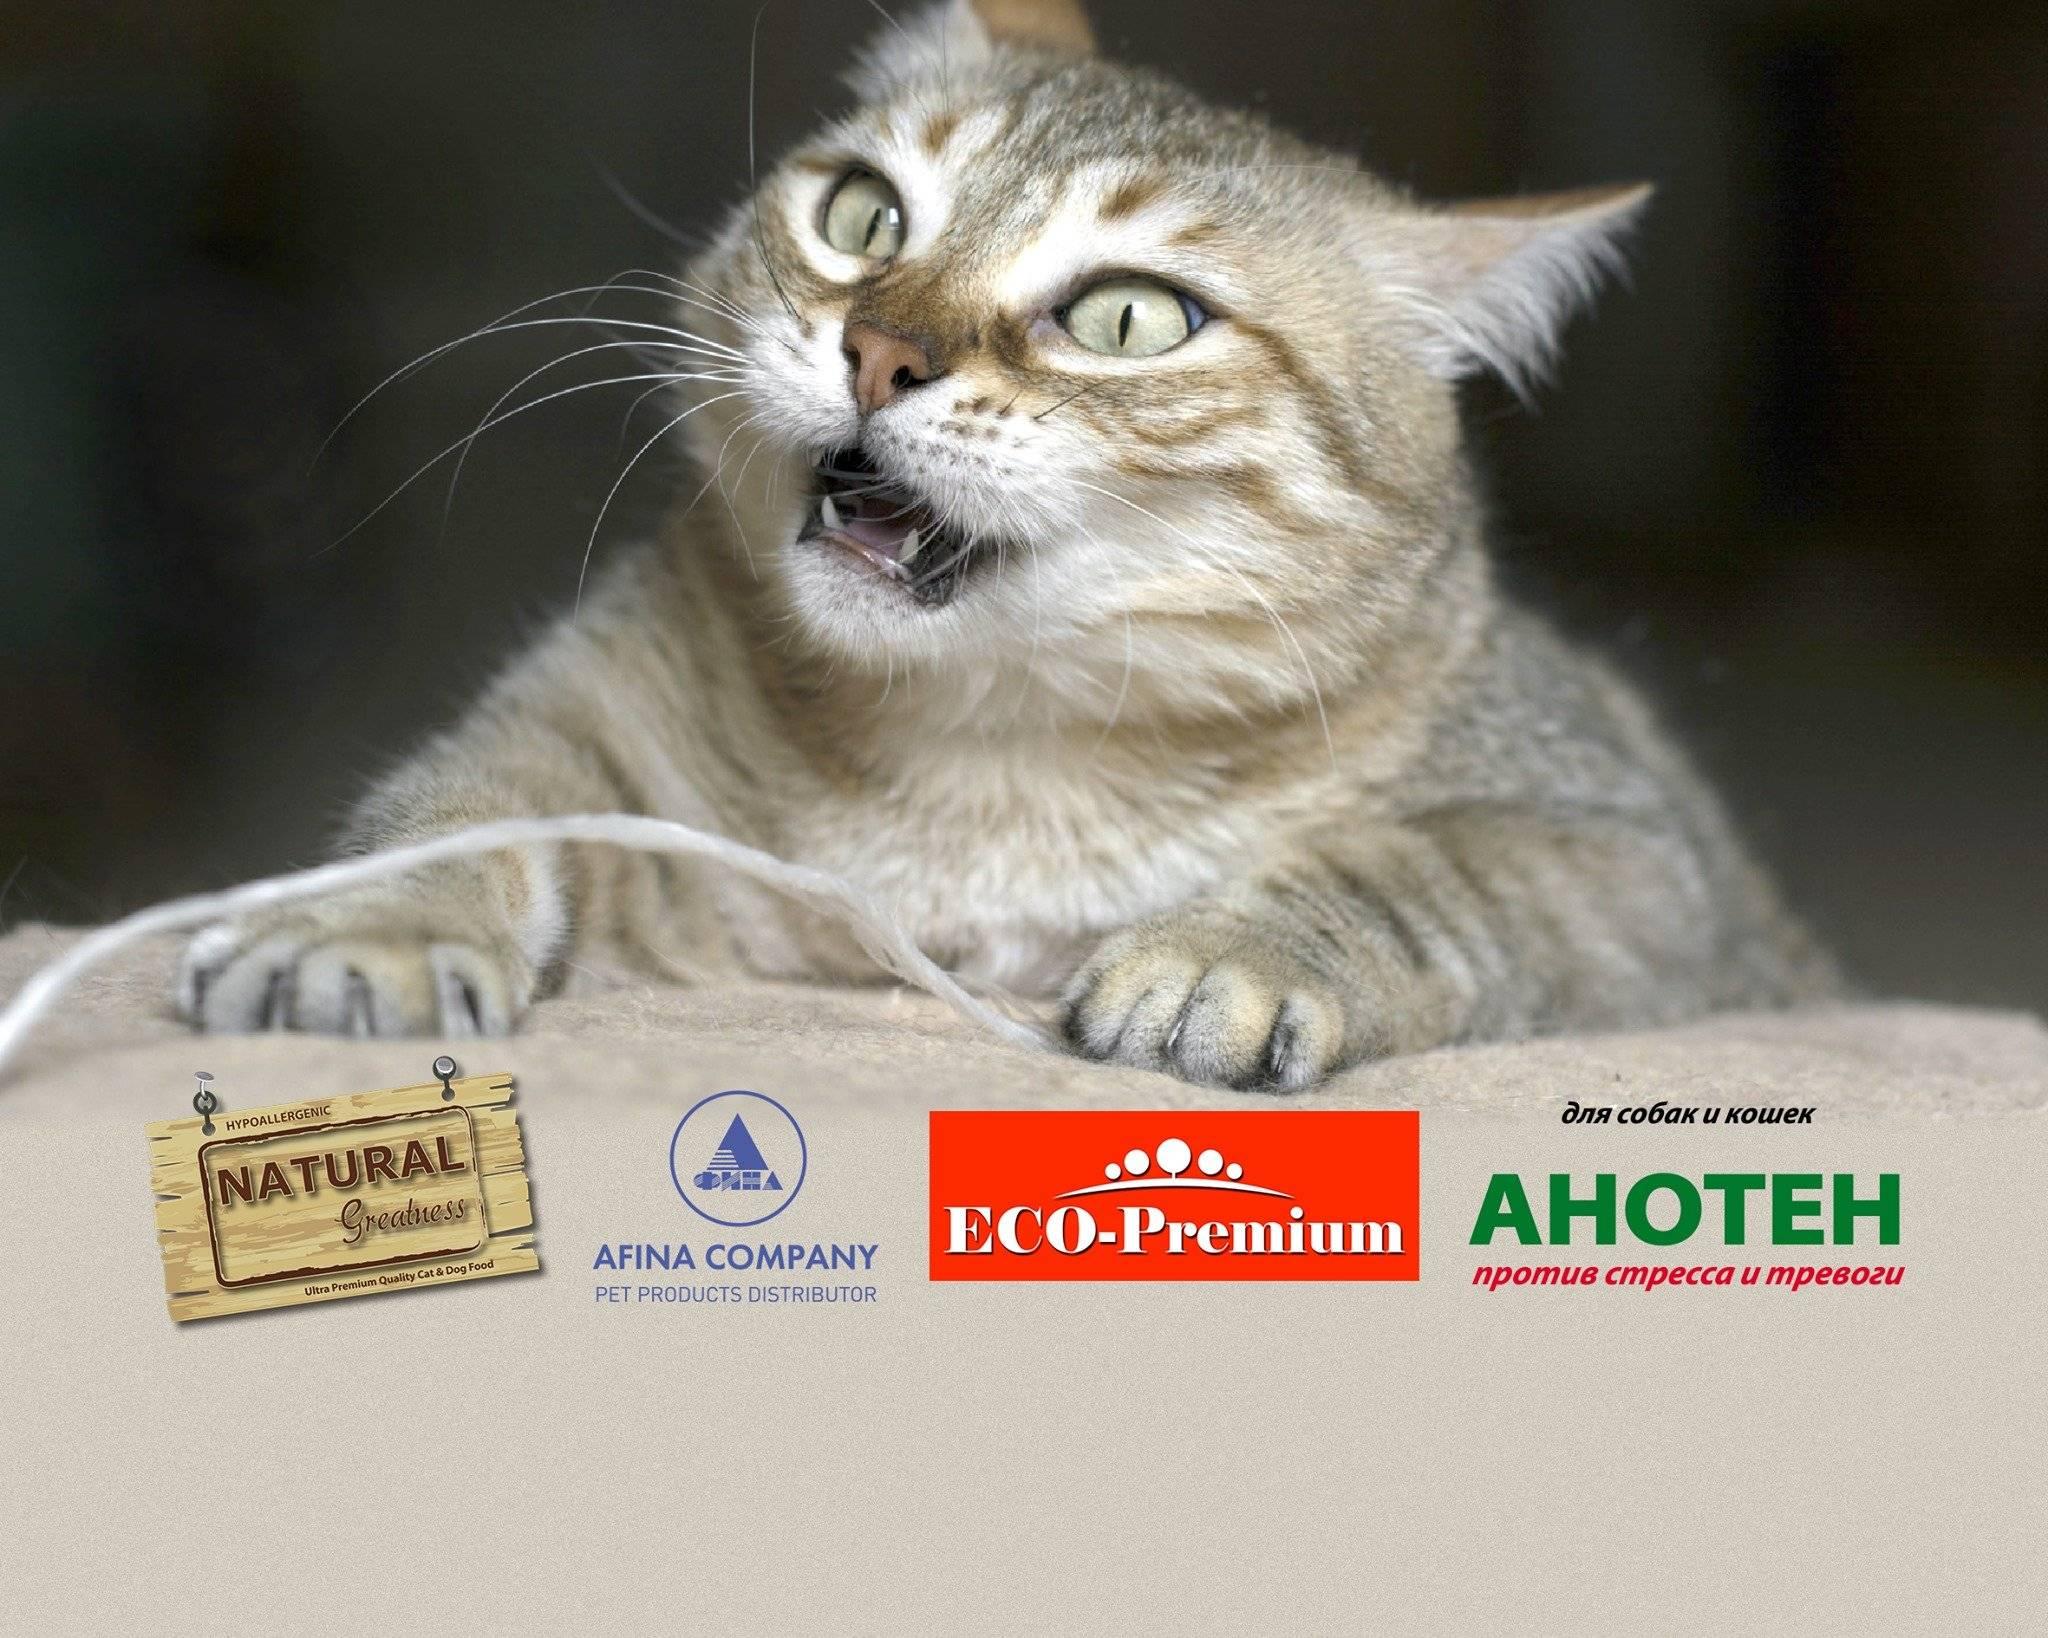 ᐉ что нужно знать, чтобы стать заводчиком кошек? - ➡ motildazoo.ru